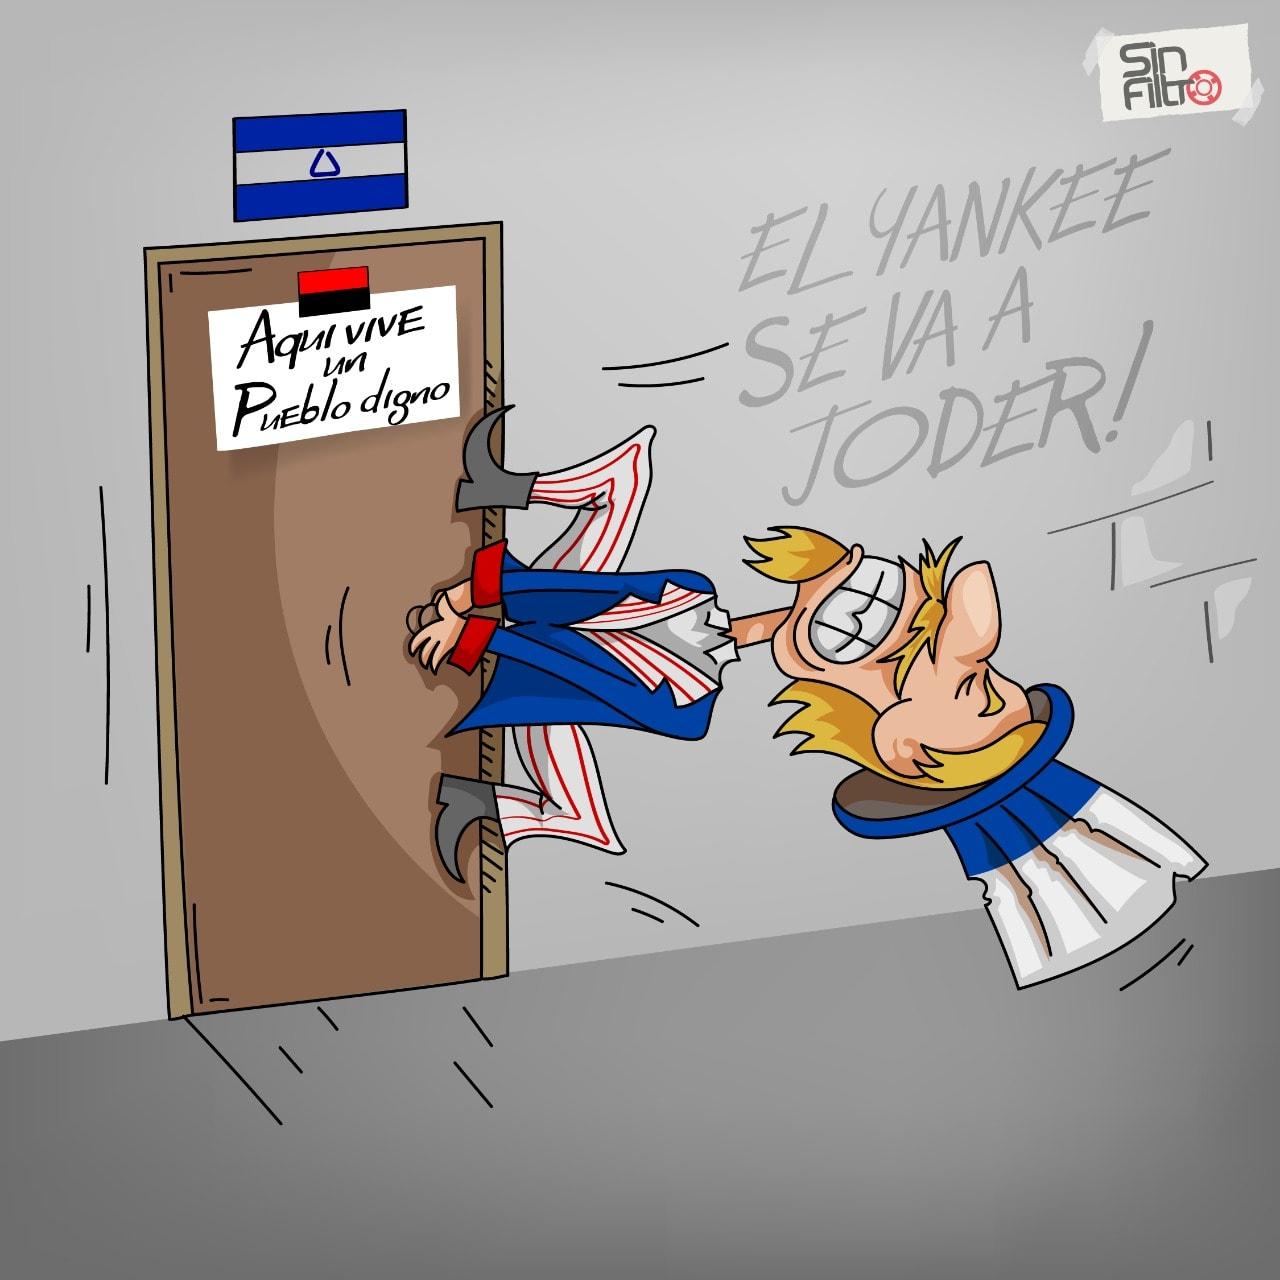 Ninguno es candidato, todos son delincuentes y patricidas Por Margine Gutiérrez